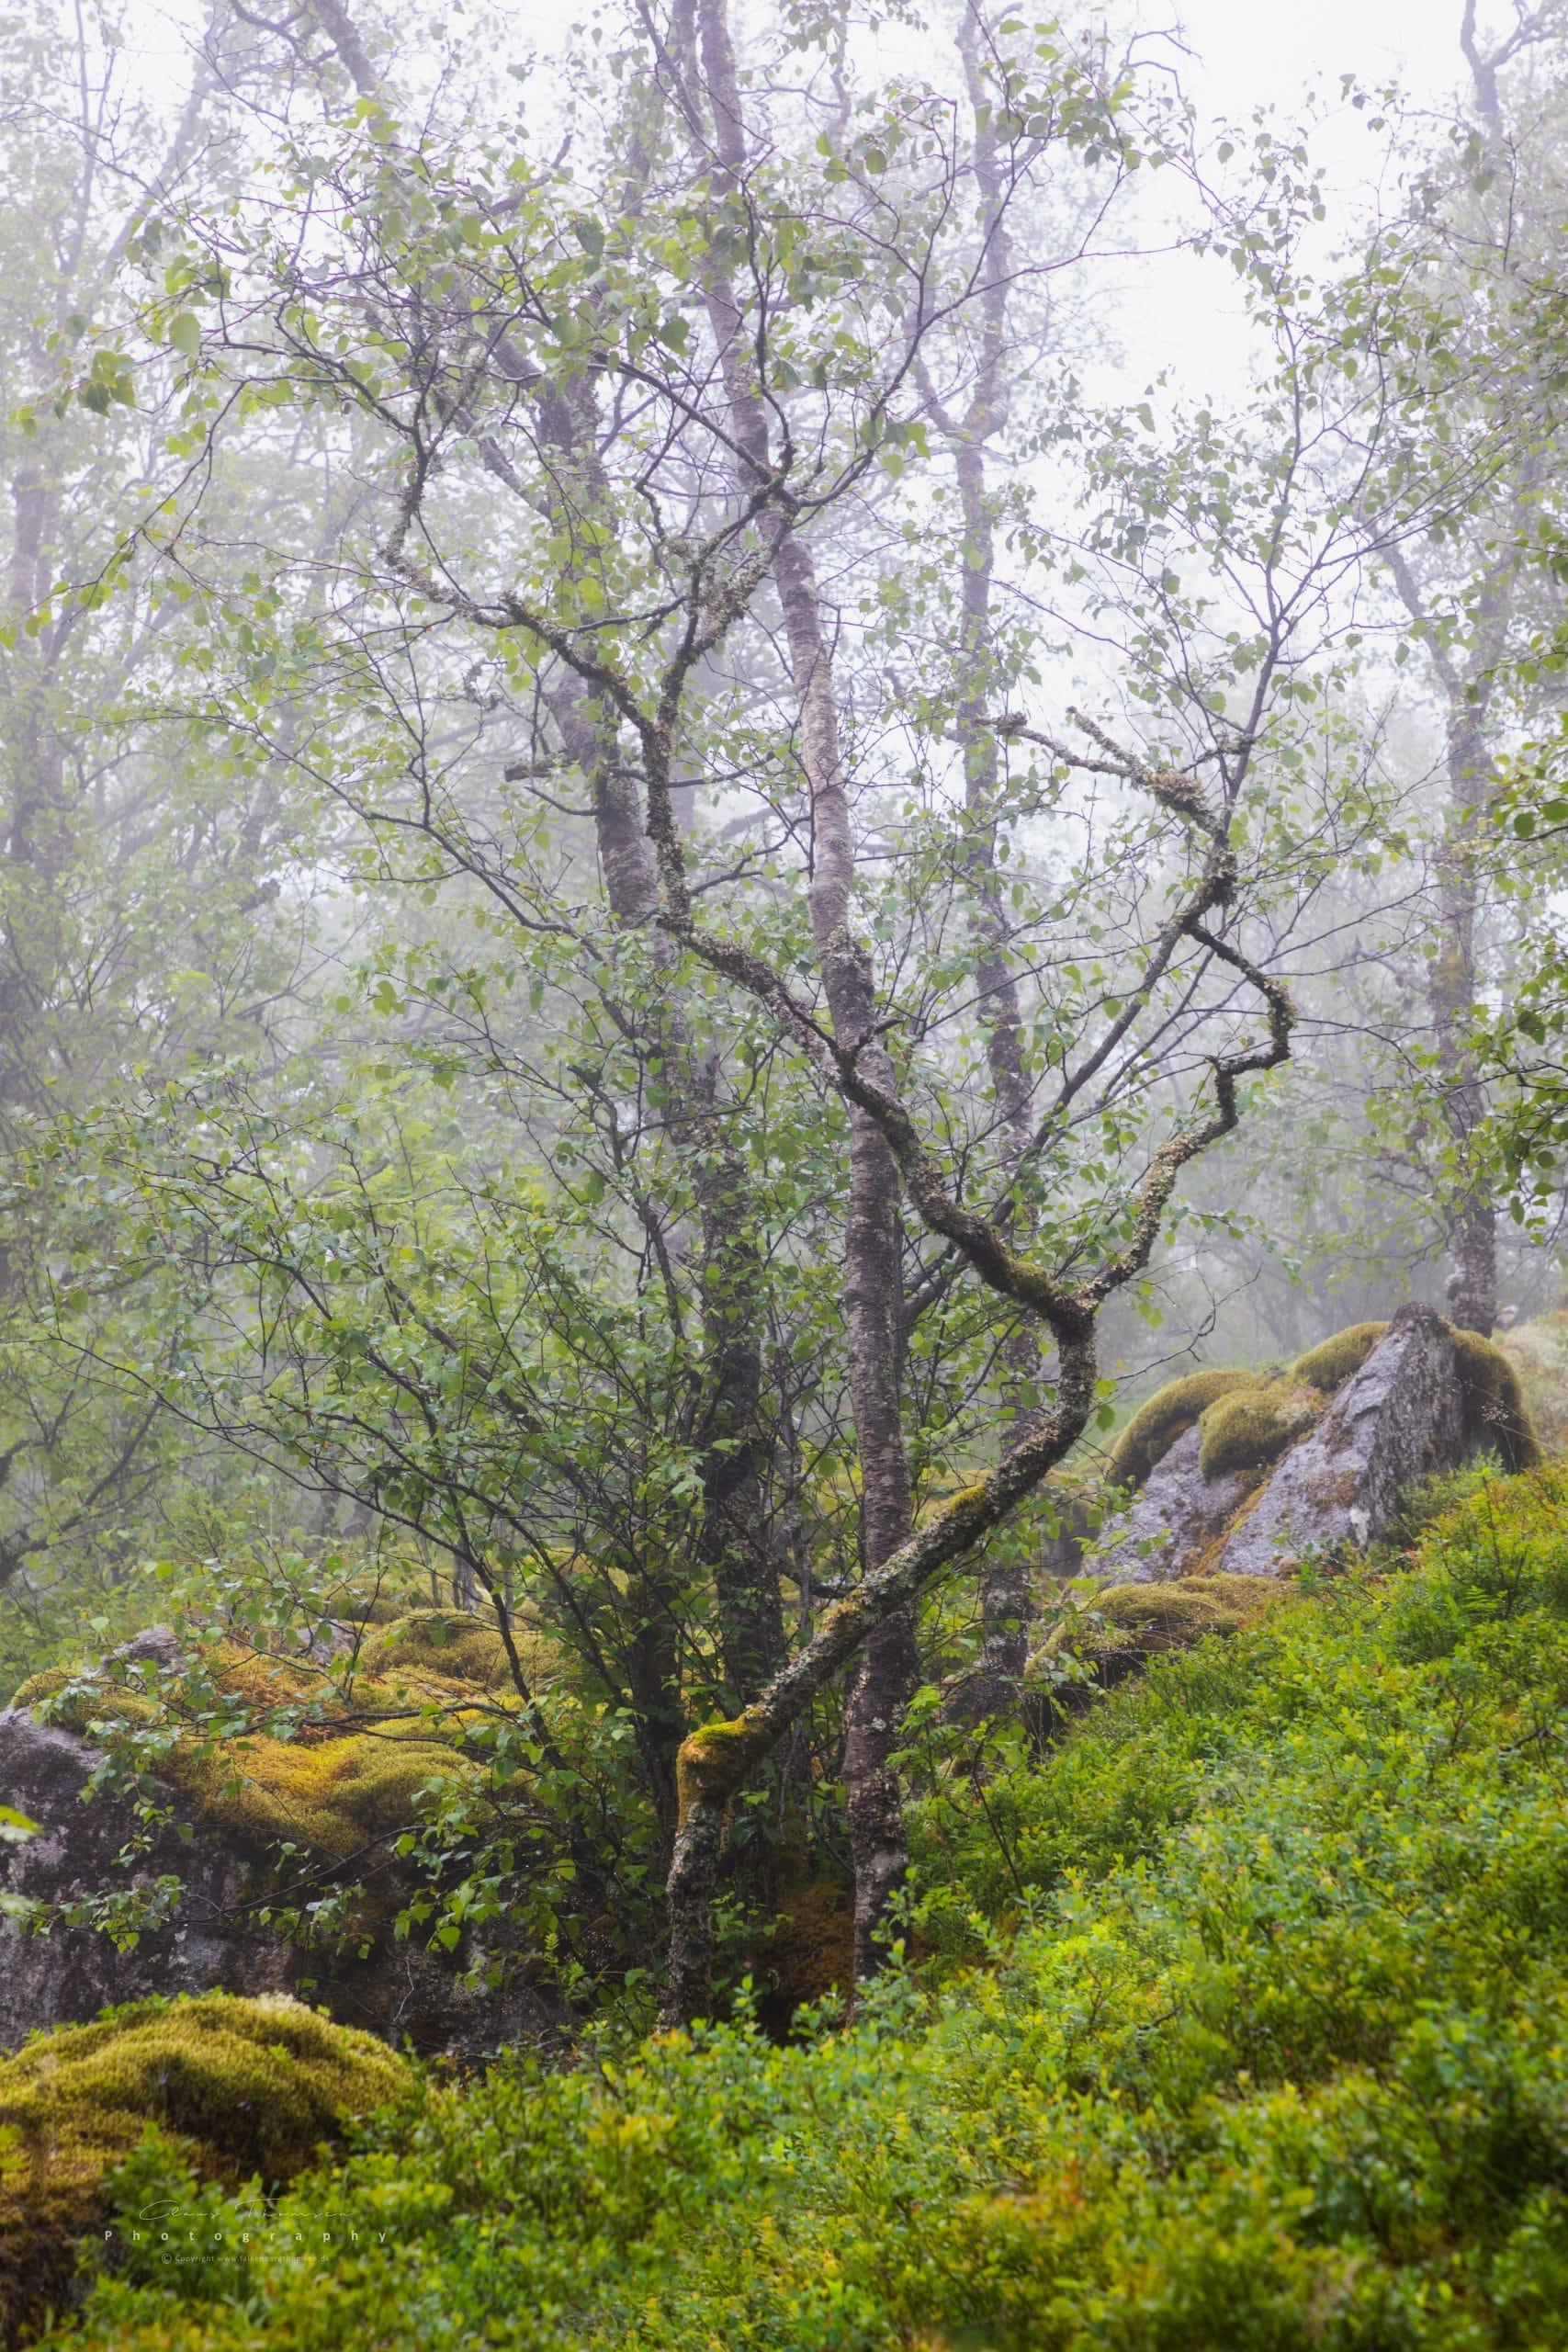 Landskabsfotografi fra naturen i Norge.